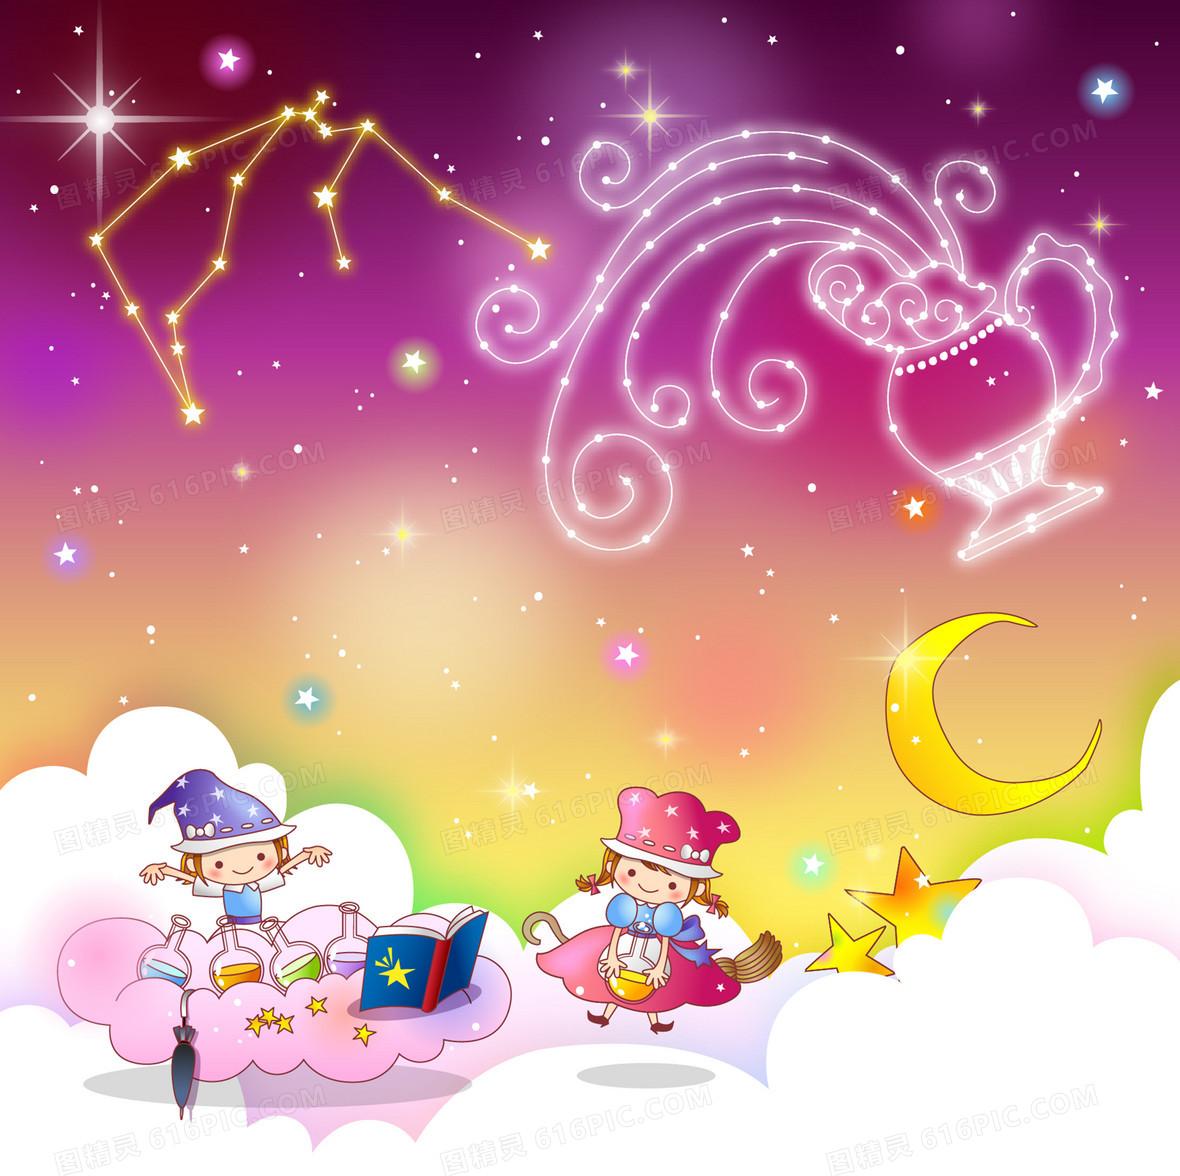 12星座水瓶座卡通图案梦幻绚丽背景素材